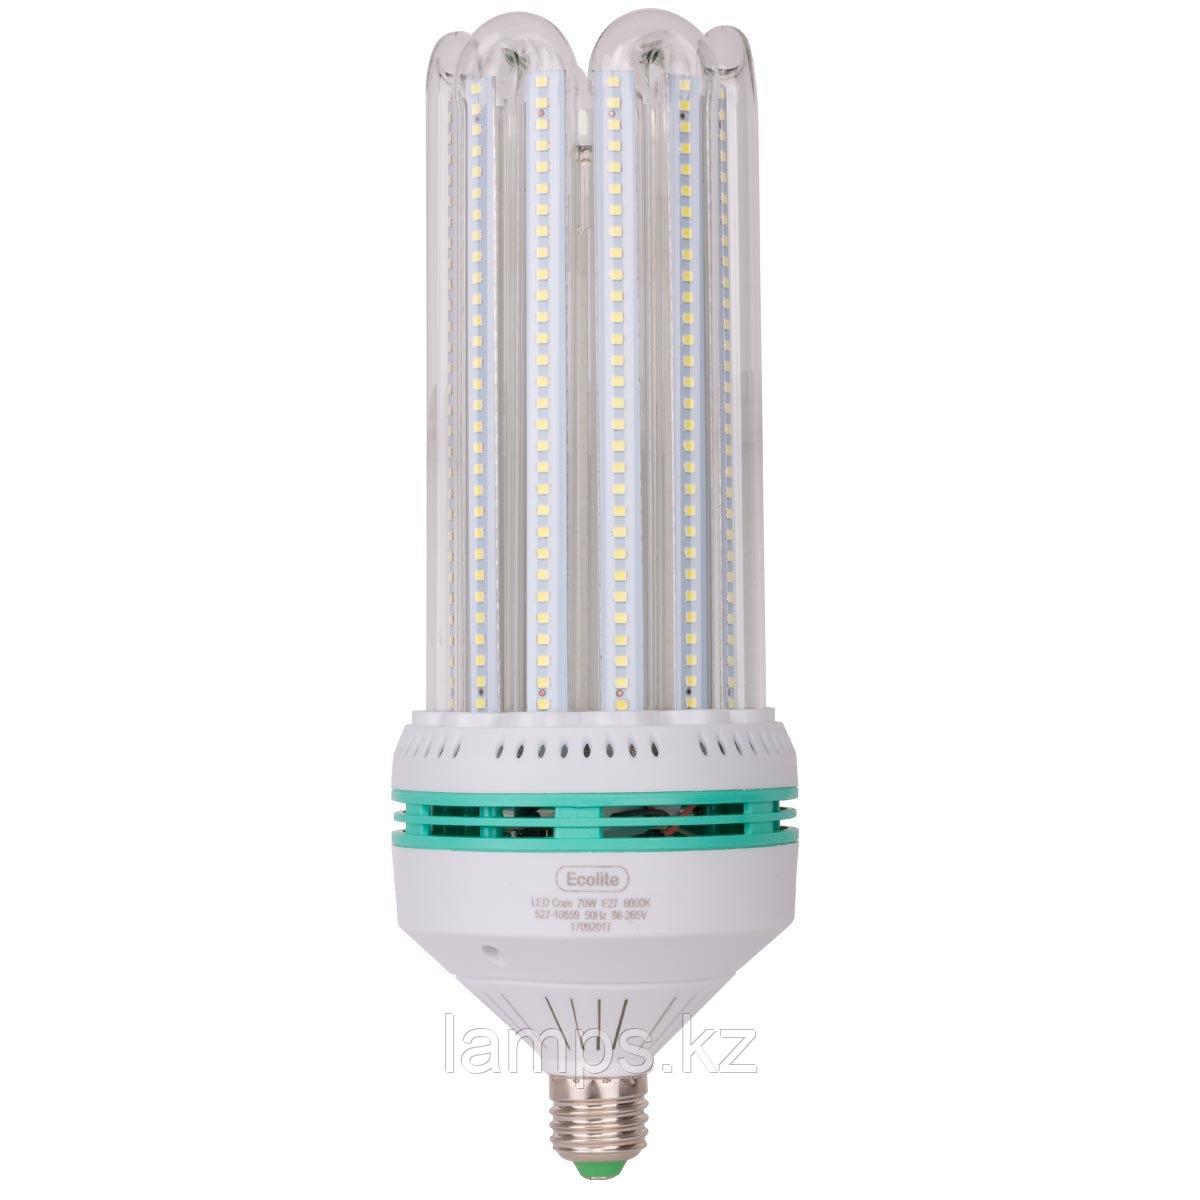 Светодиодная лампа LED Corn 70W E27 6000K